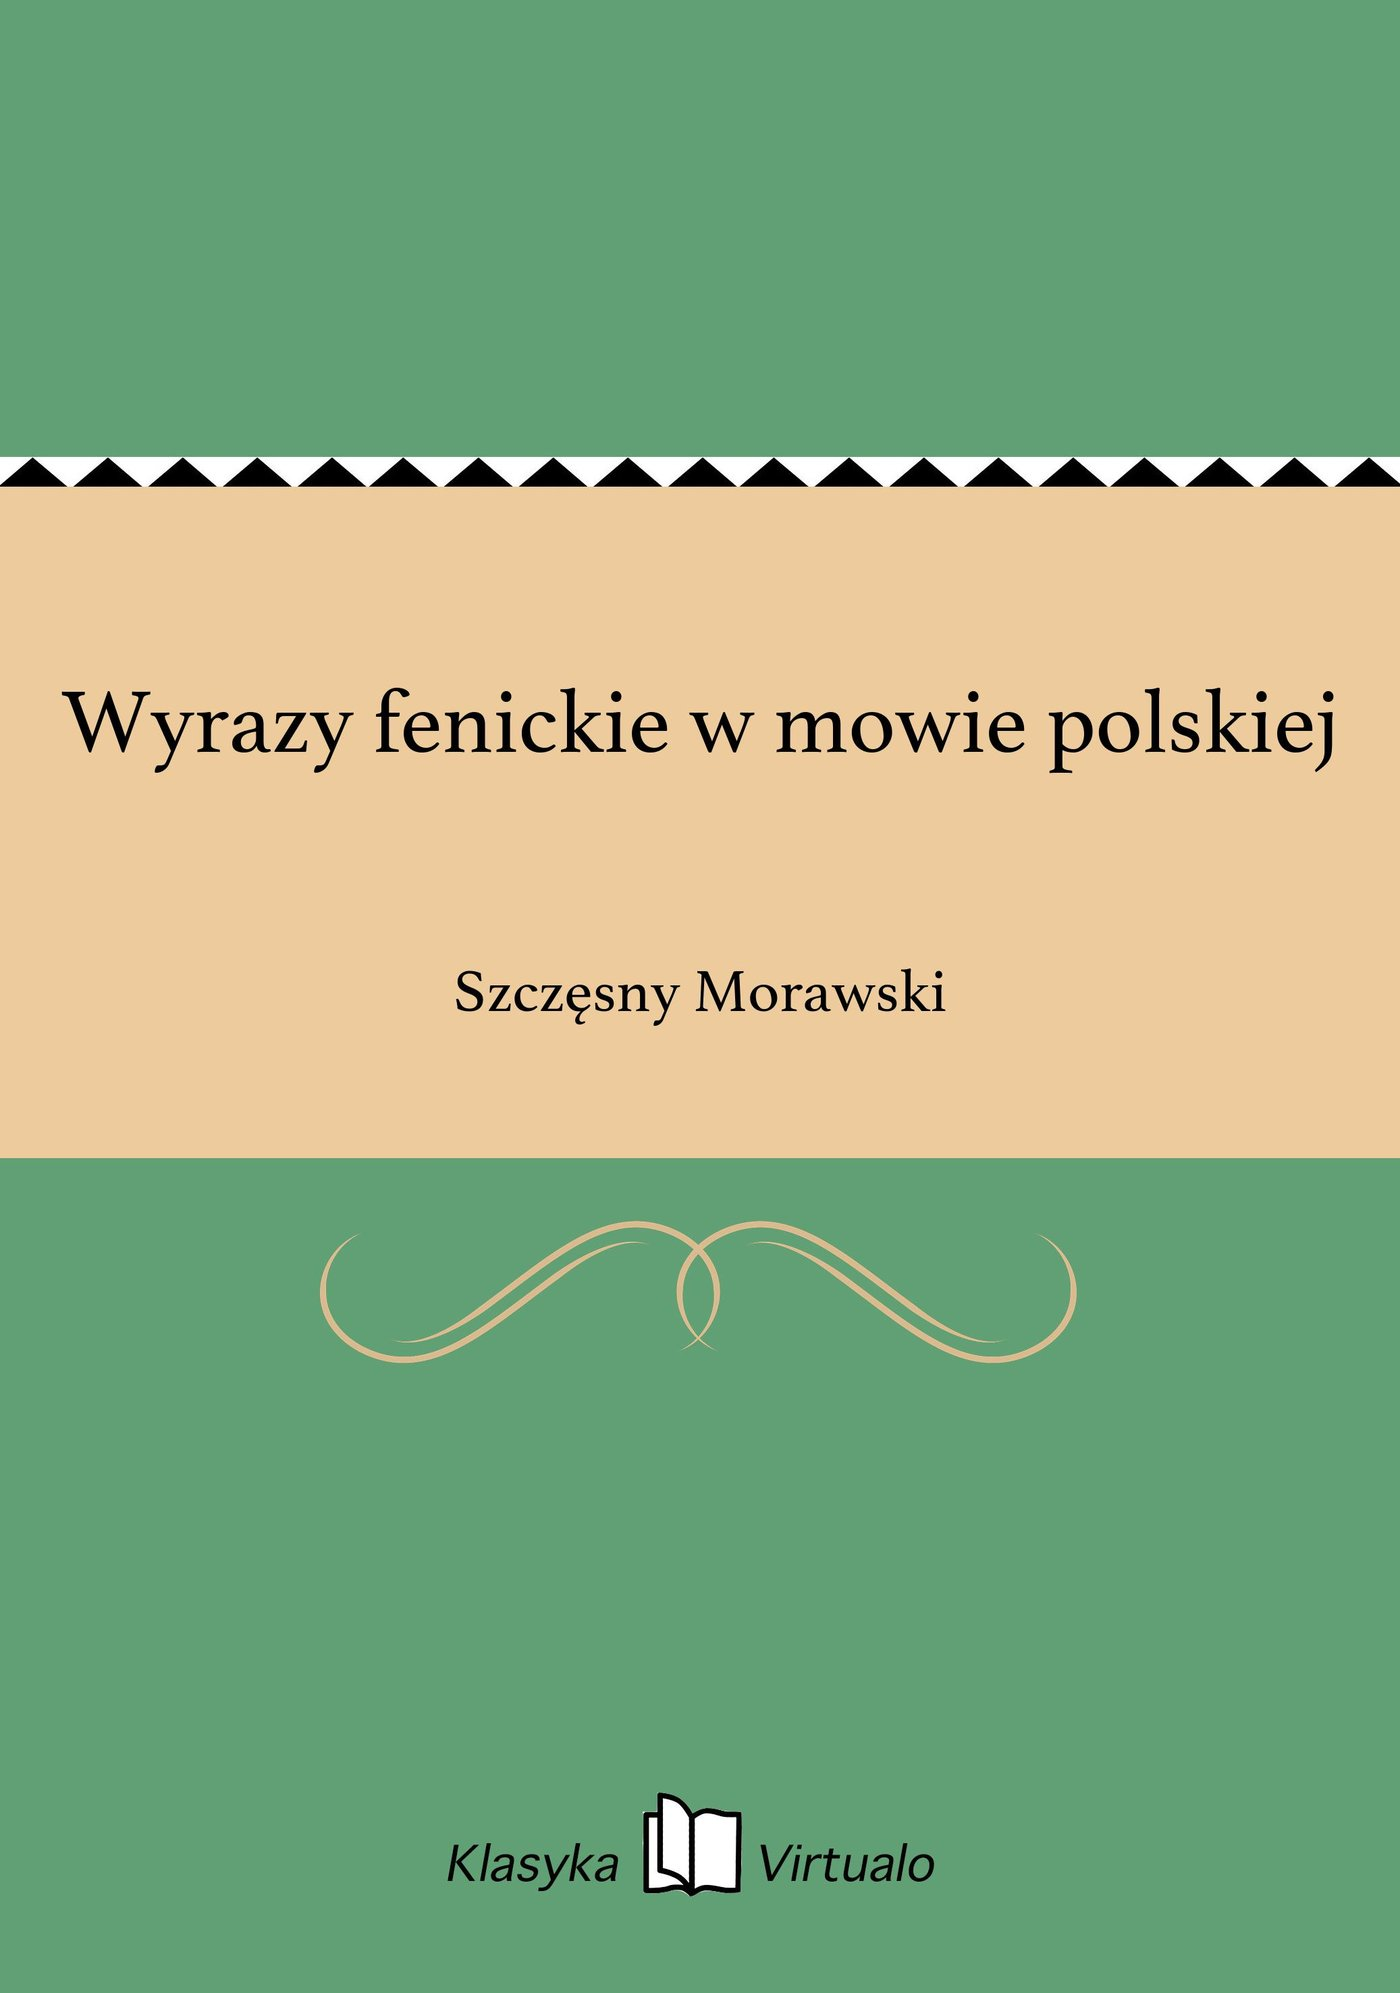 Wyrazy fenickie w mowie polskiej - Ebook (Książka na Kindle) do pobrania w formacie MOBI